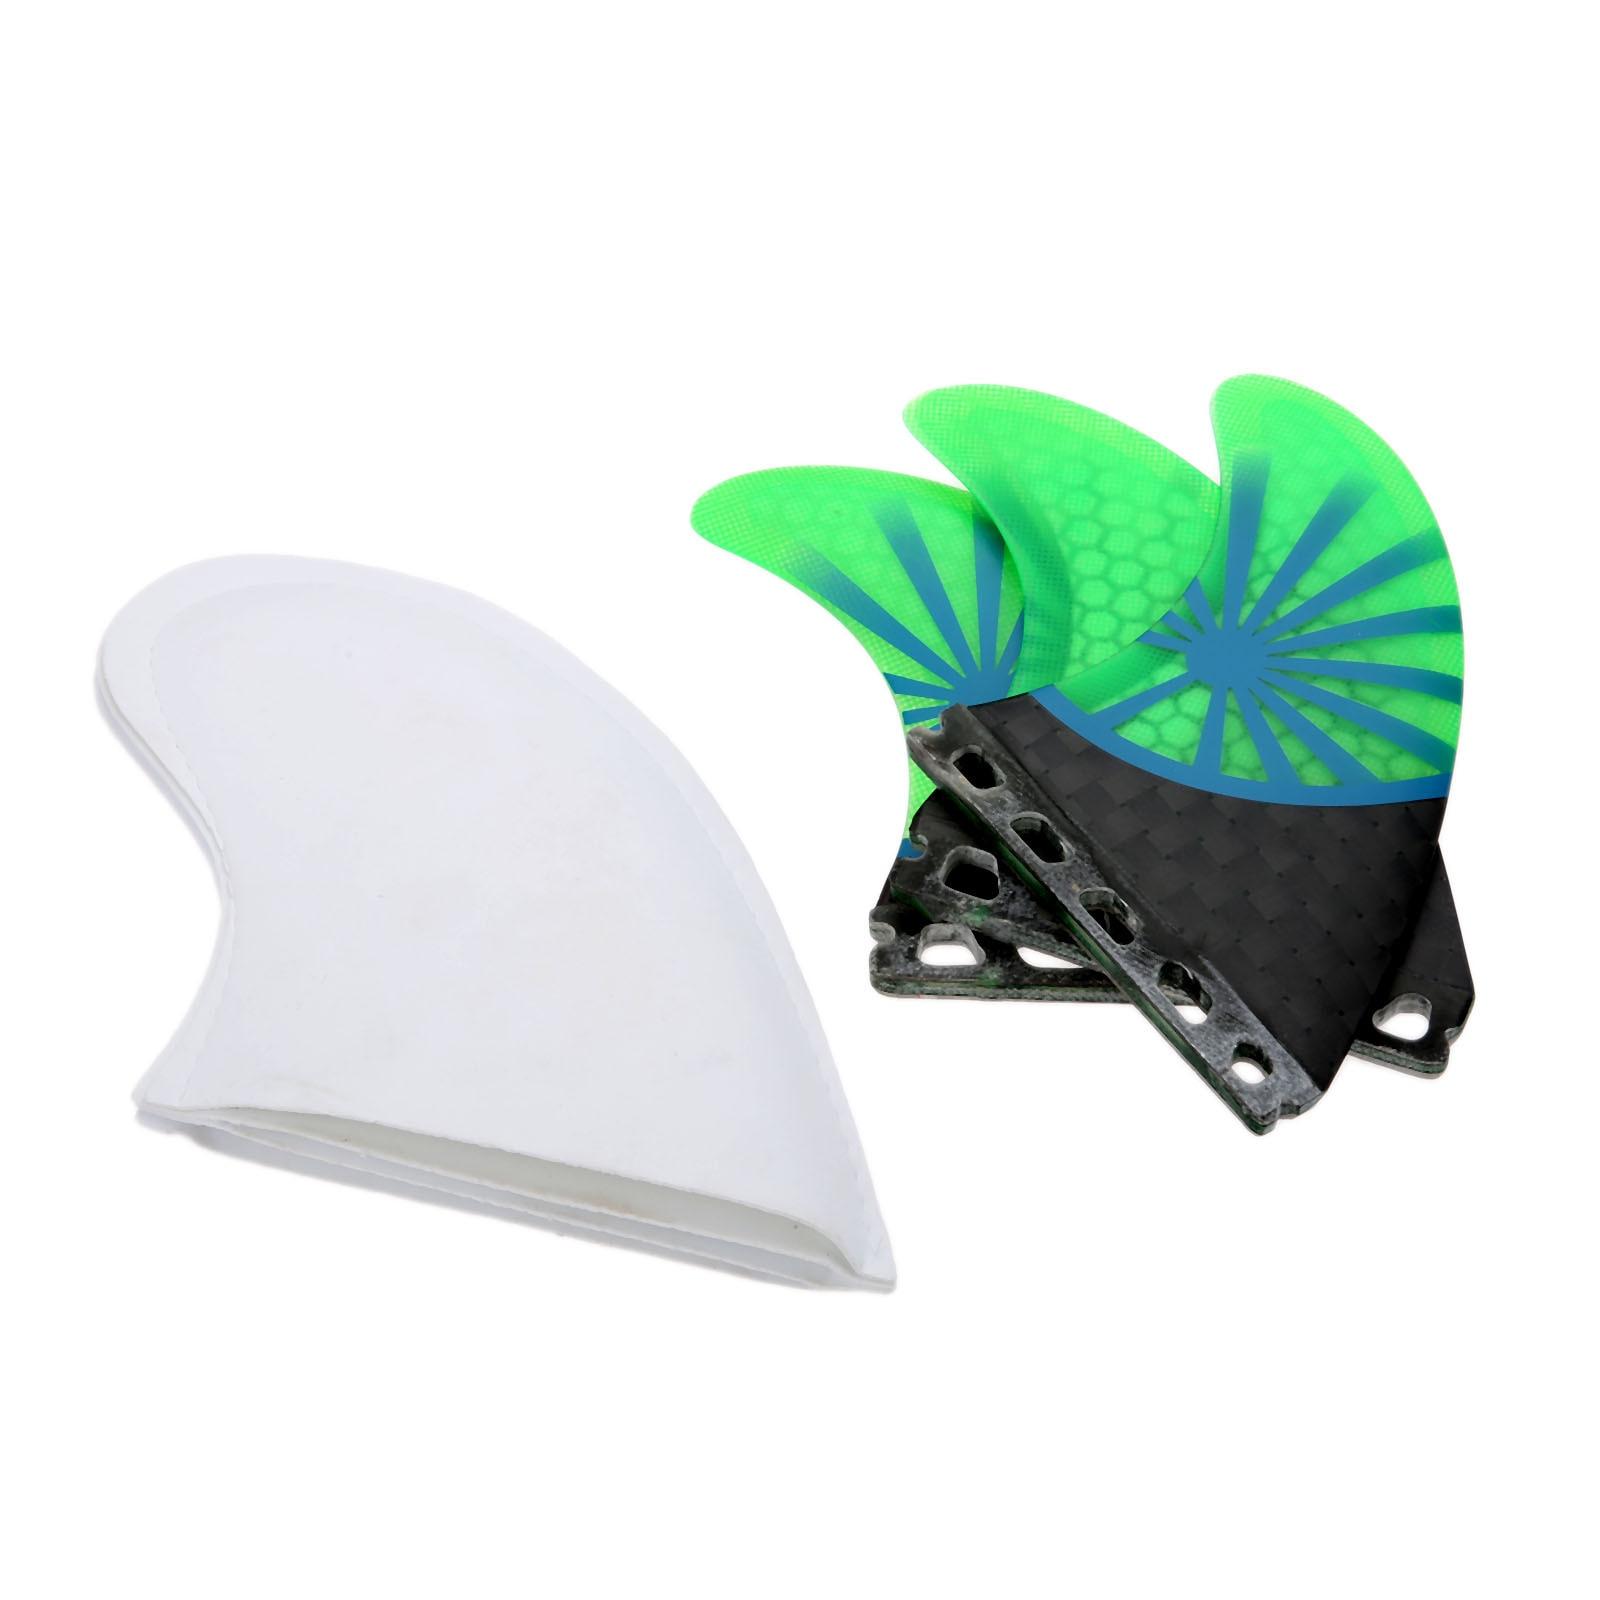 3 Pcs Pro Set G5/M Fiberglas & Honig Kamm Surf Flossen Für Zukunft Fin Box Basis Surfbrett Surfen fin Schwanz Ruder Schnelle Reaktion Fin